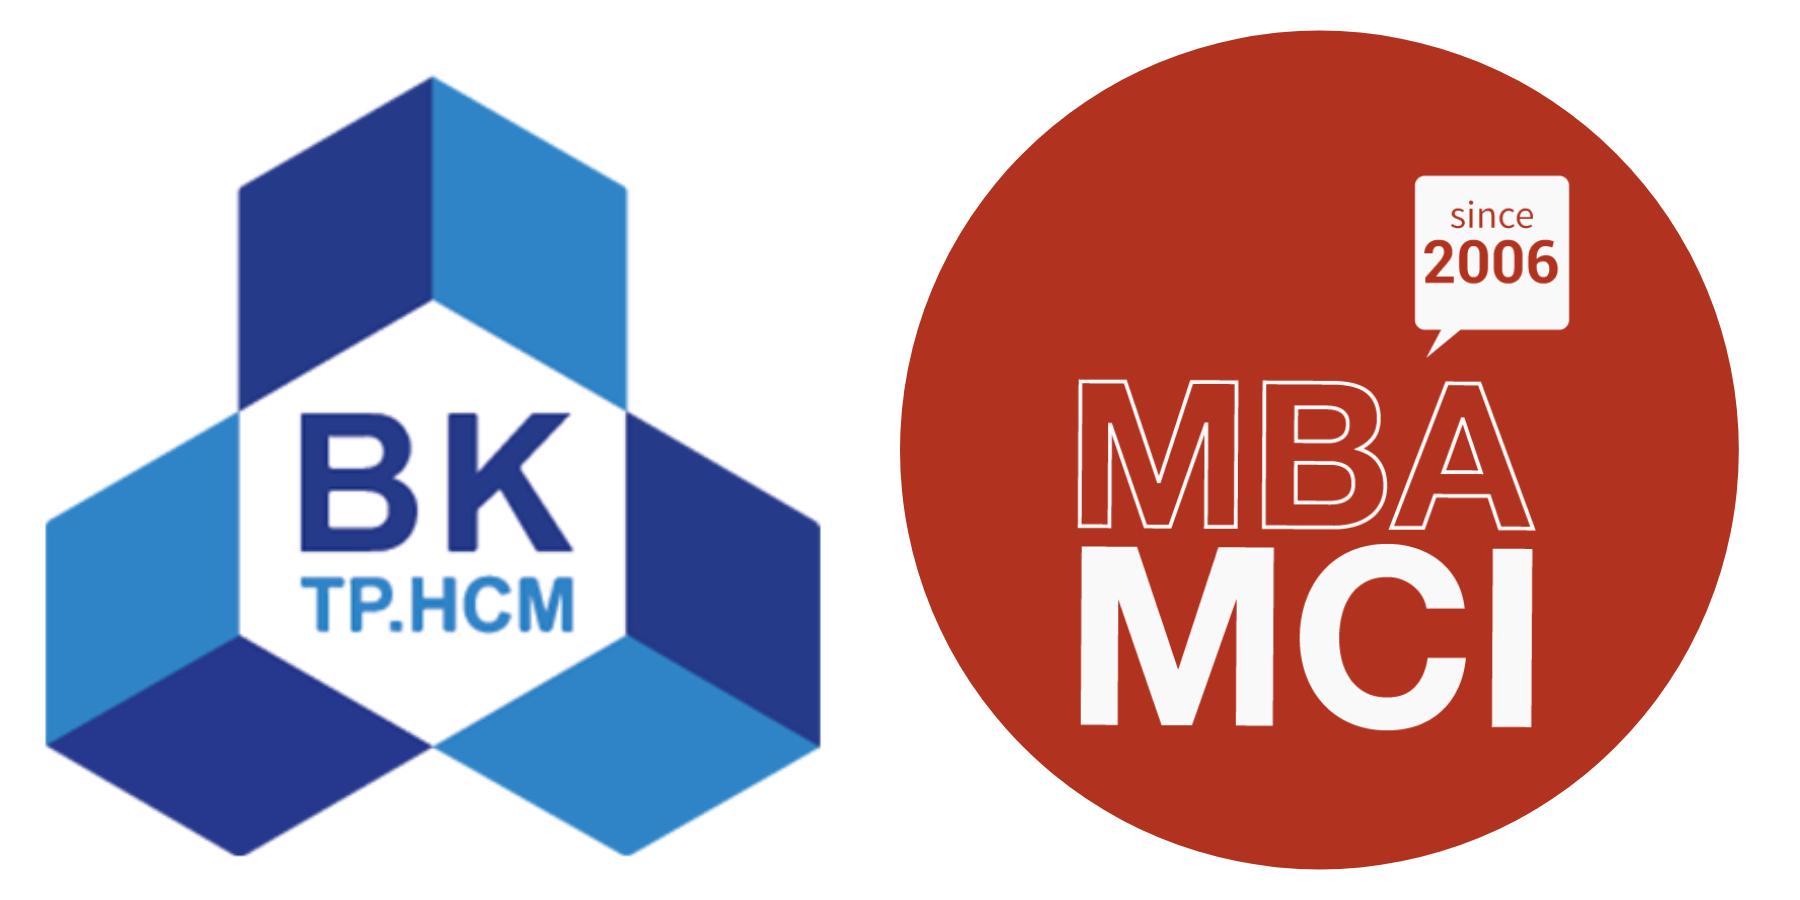 Chương trình Thạc sĩ Quản trị Kinh doanh MBA-MCI